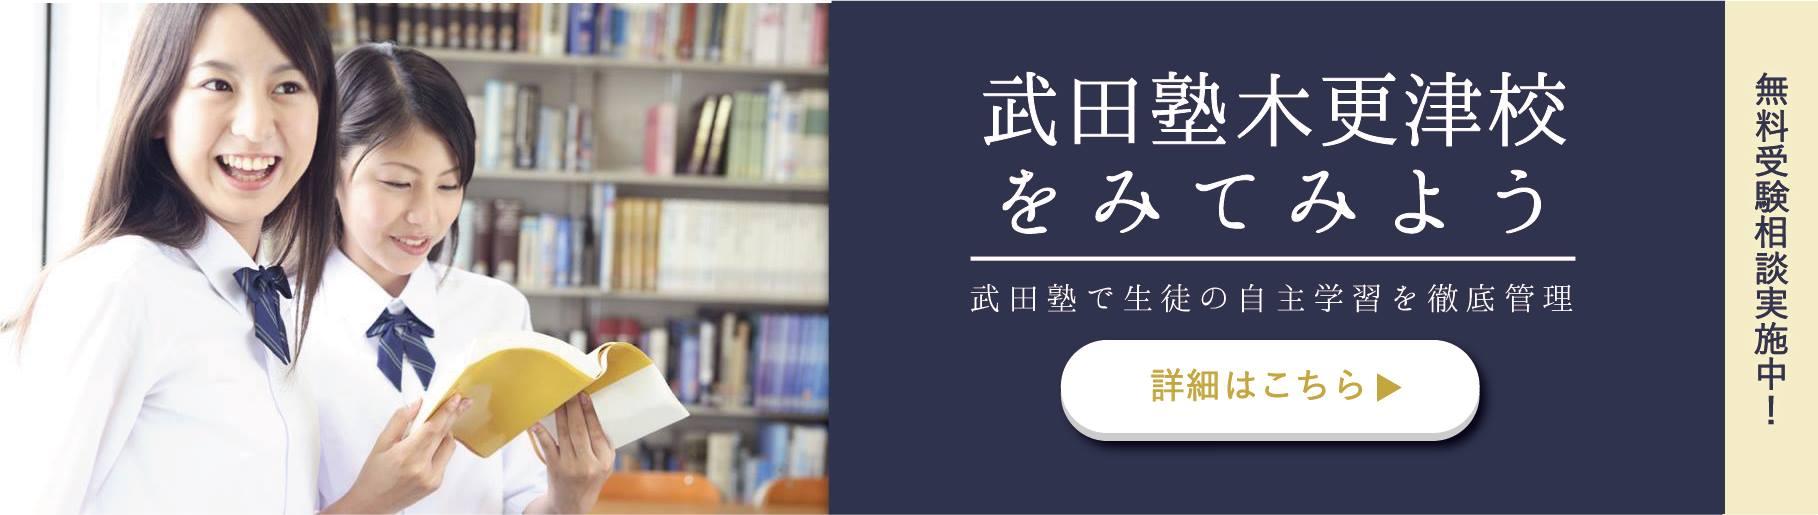 武田塾木更津校オフィシャルサイト